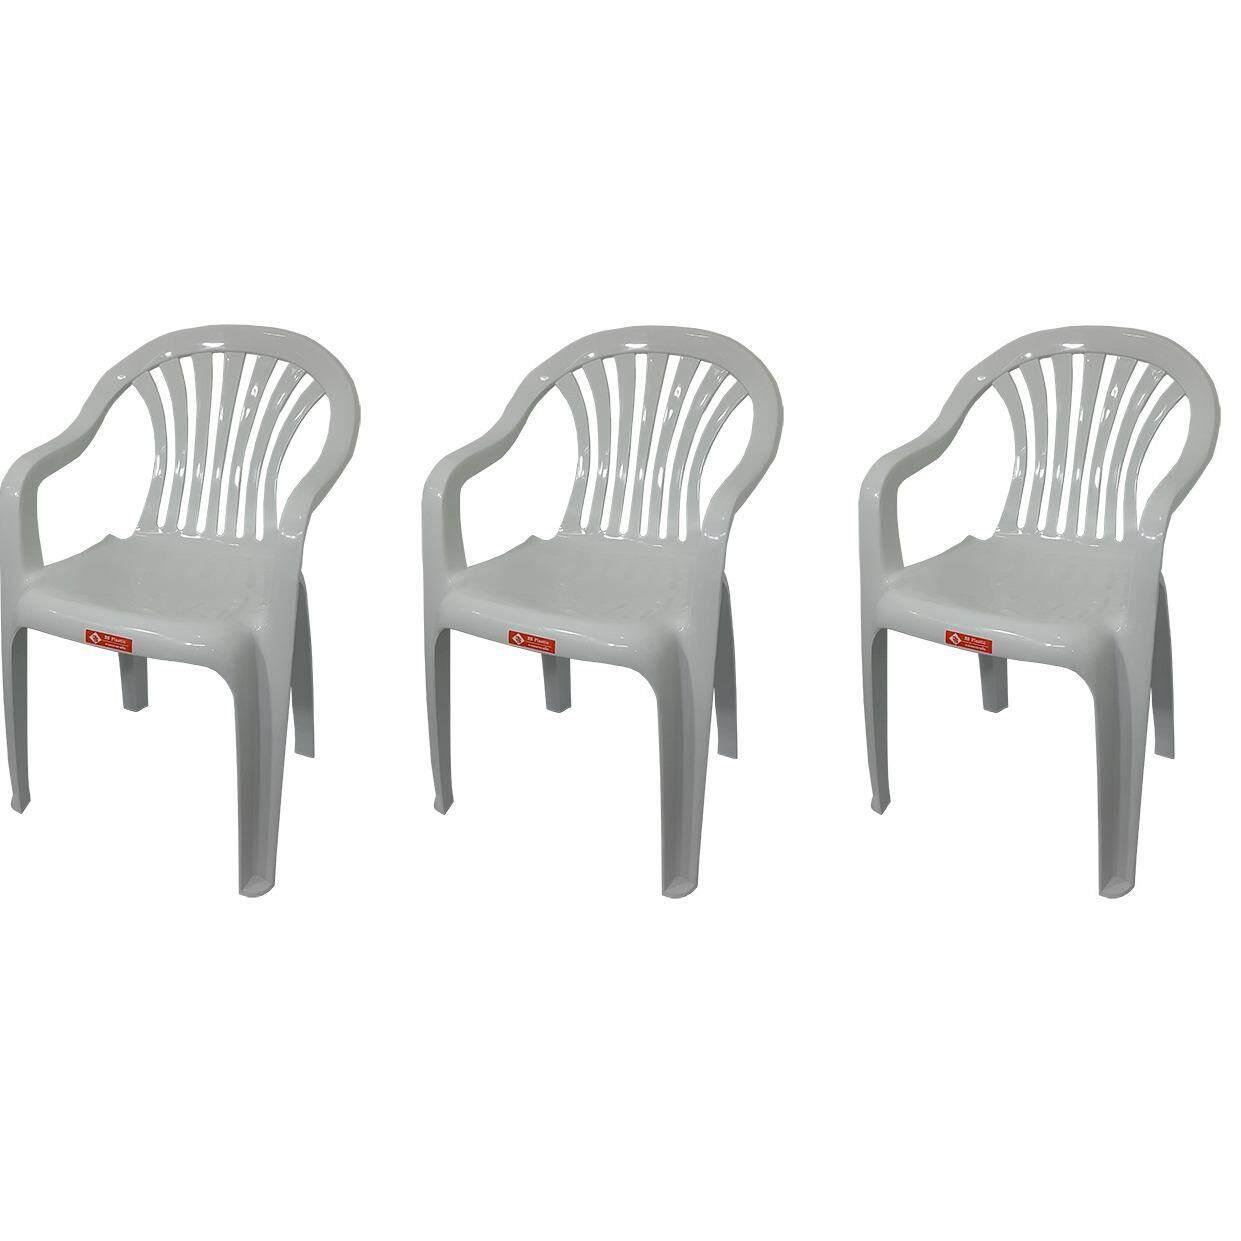 โปรโมชั่น เก้าอี้สนาม มีพนักพิง และ ที่เท้าแขน รุ่น 999 สีขาวอมเทา แพ็ค3ตัว 3S ใหม่ล่าสุด